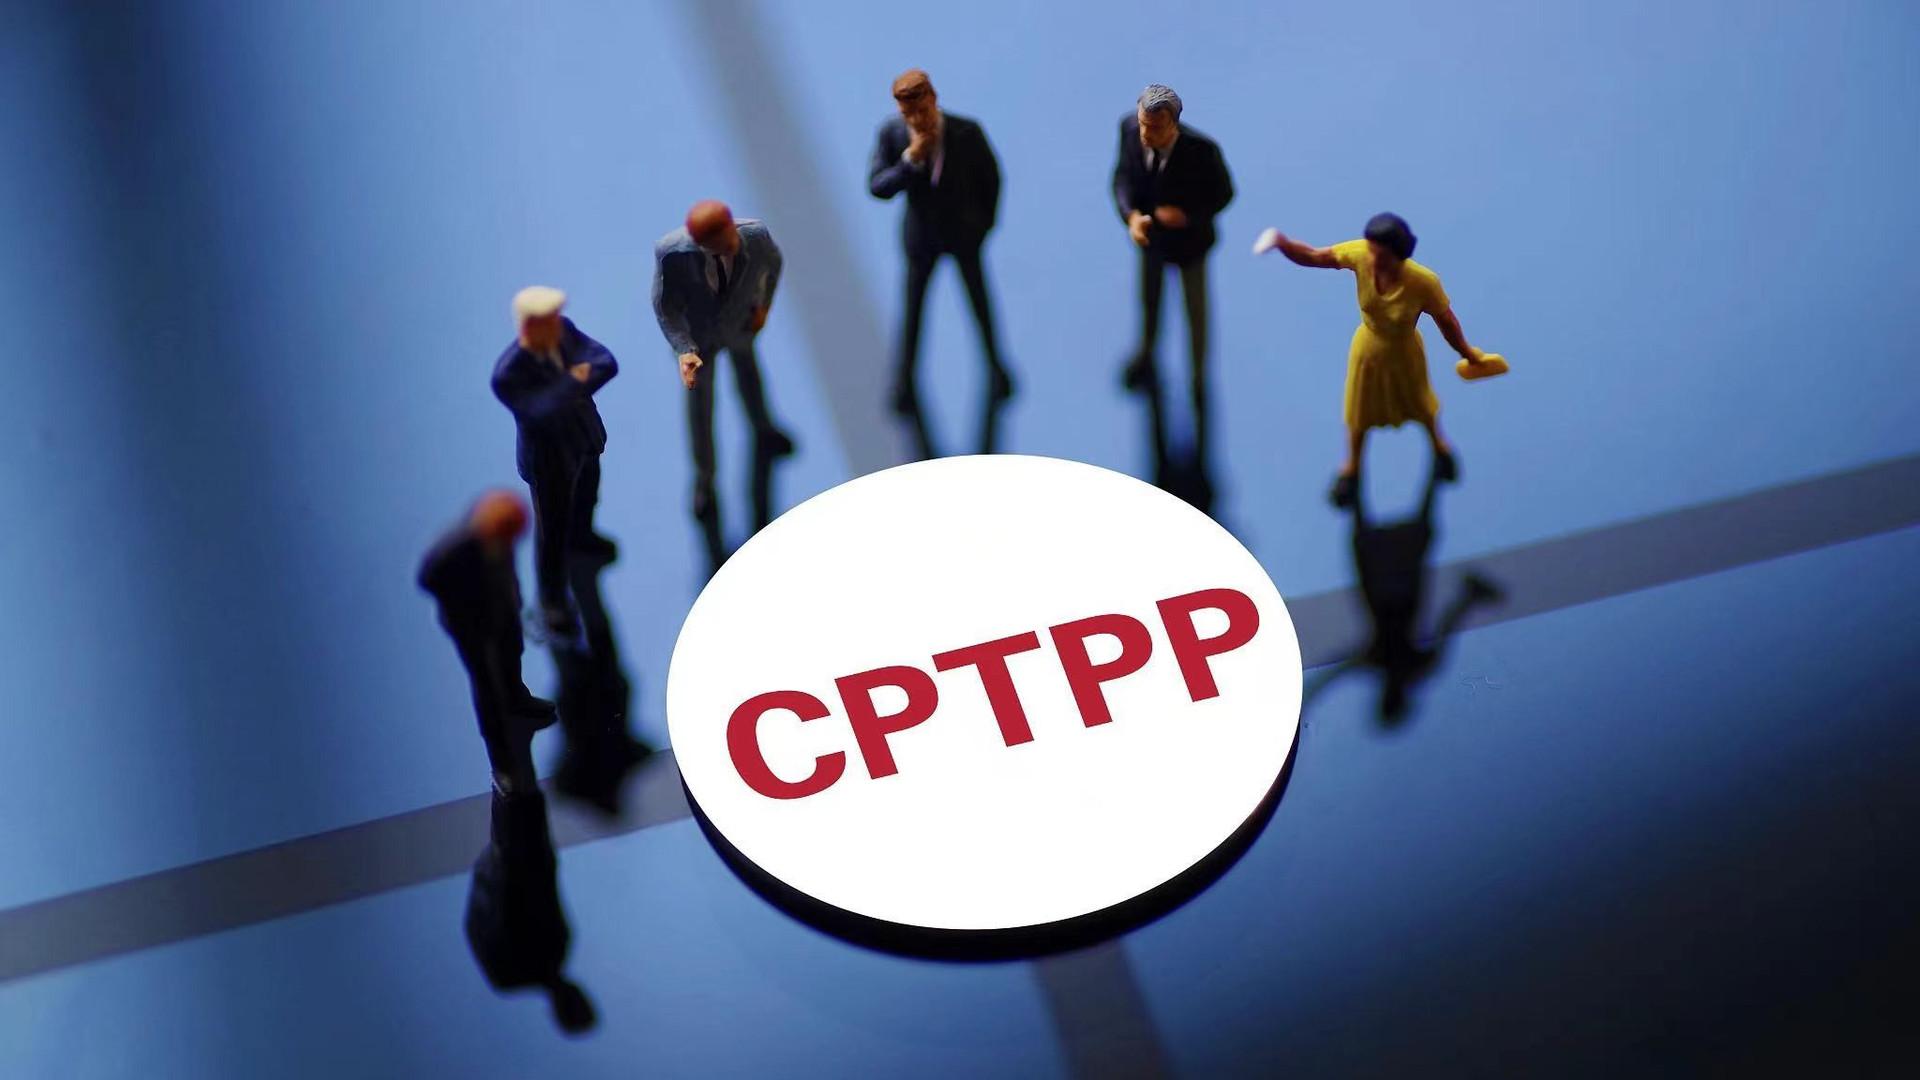 Trung Quốc chính thức đệ đơn xin gia nhập CPTPP. (Nguồn: CGTN)